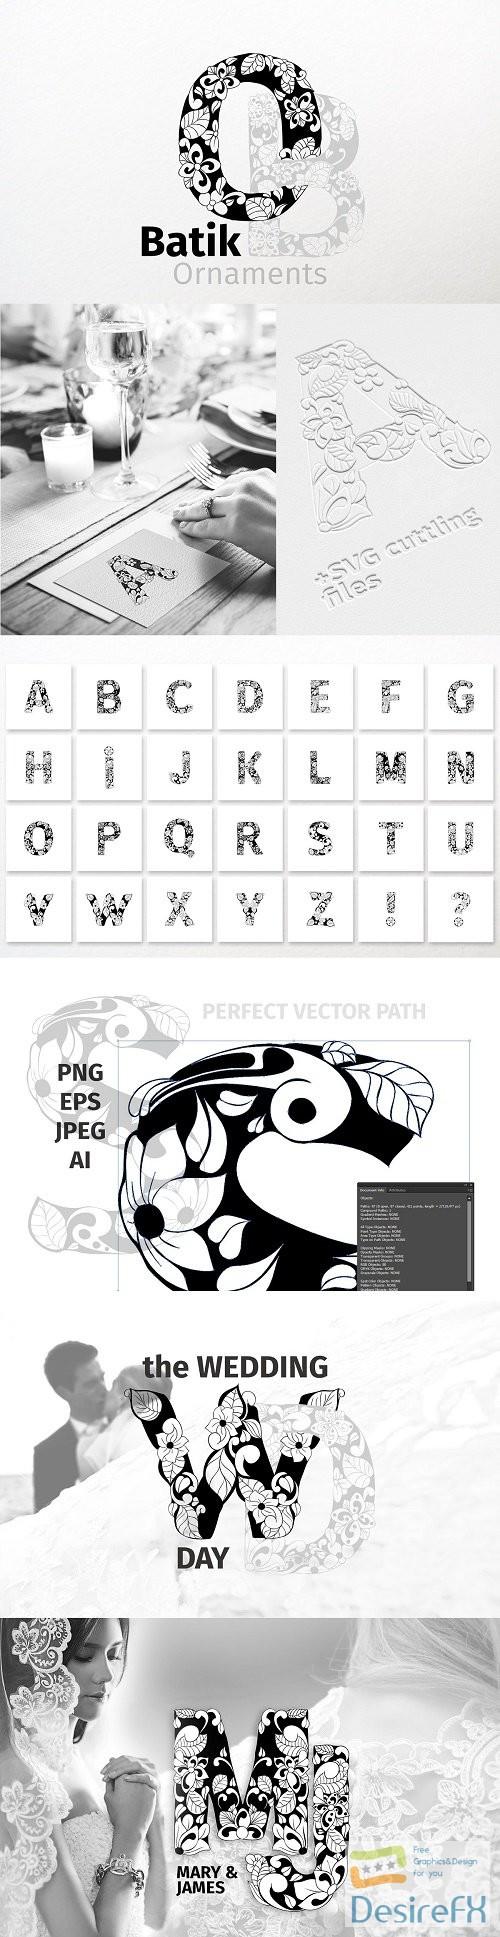 stock-vectors - Batik Ornaments Alphabet - 3794280